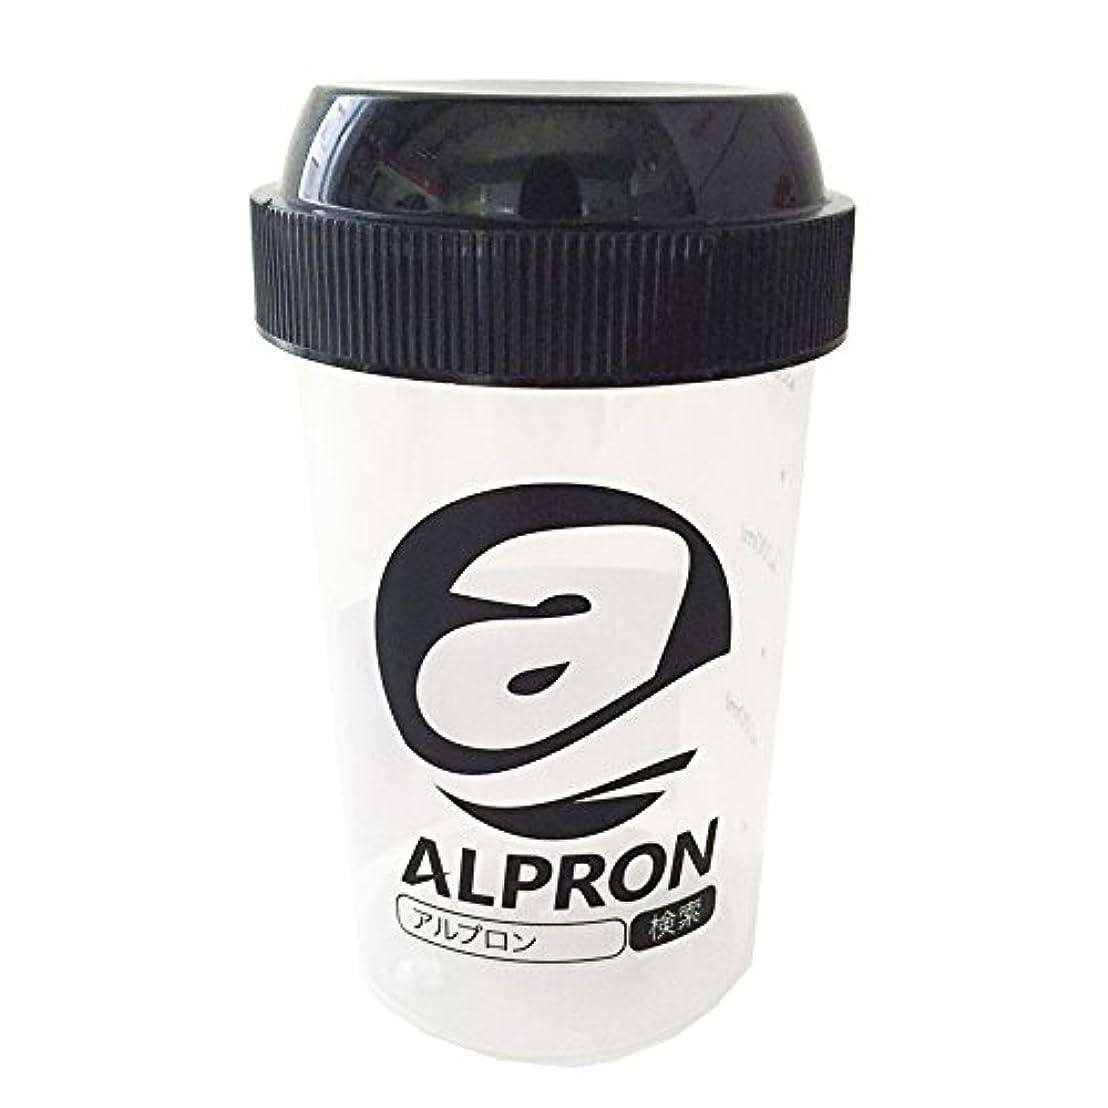 最高正直変装アルプロン プロテインシェイカー 300ml 1個